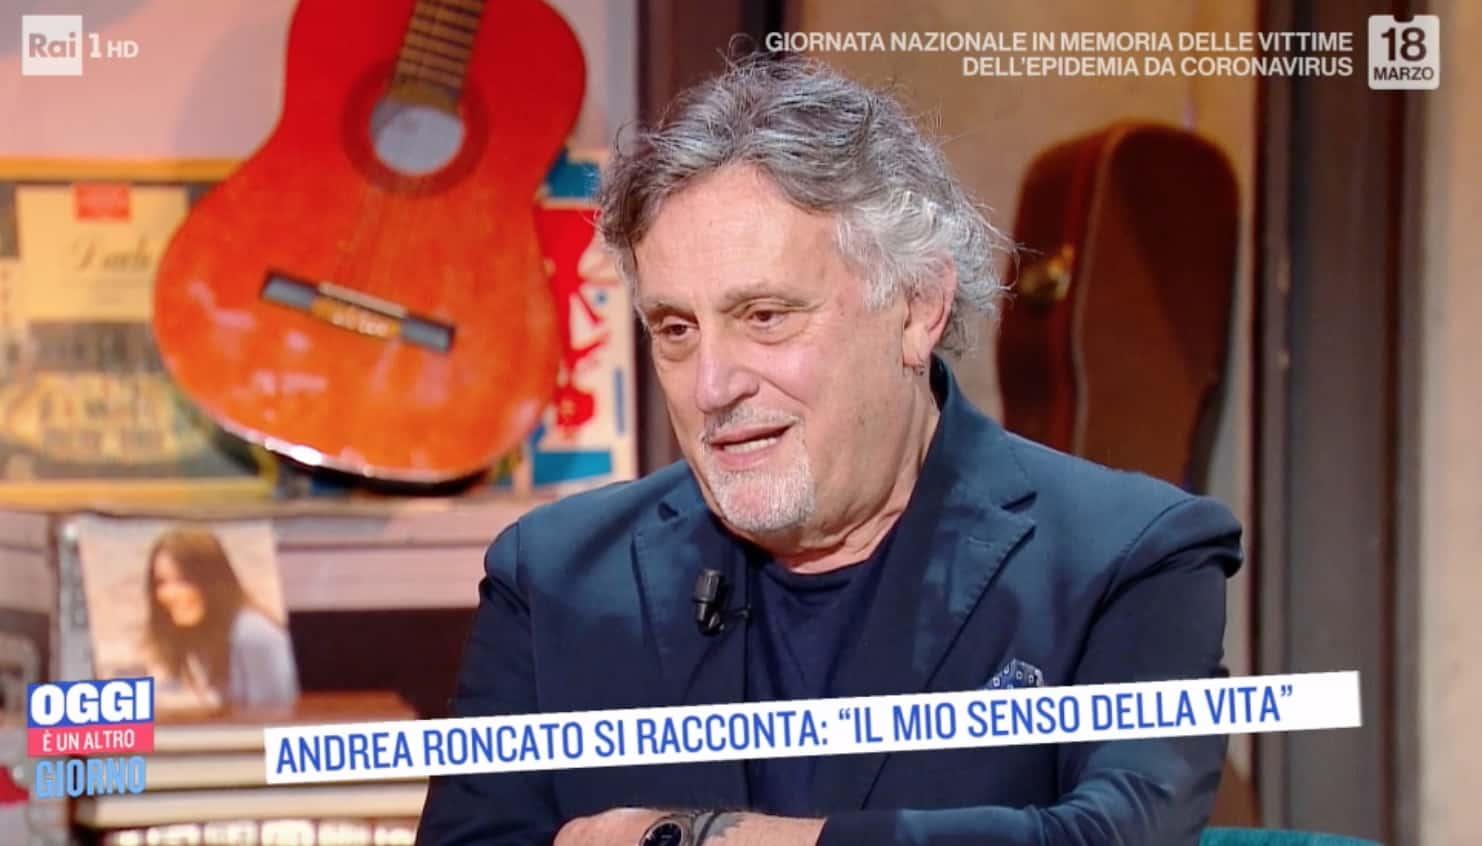 Andrea Roncato torna in tv e racconta degli eccessi e del senso della vita